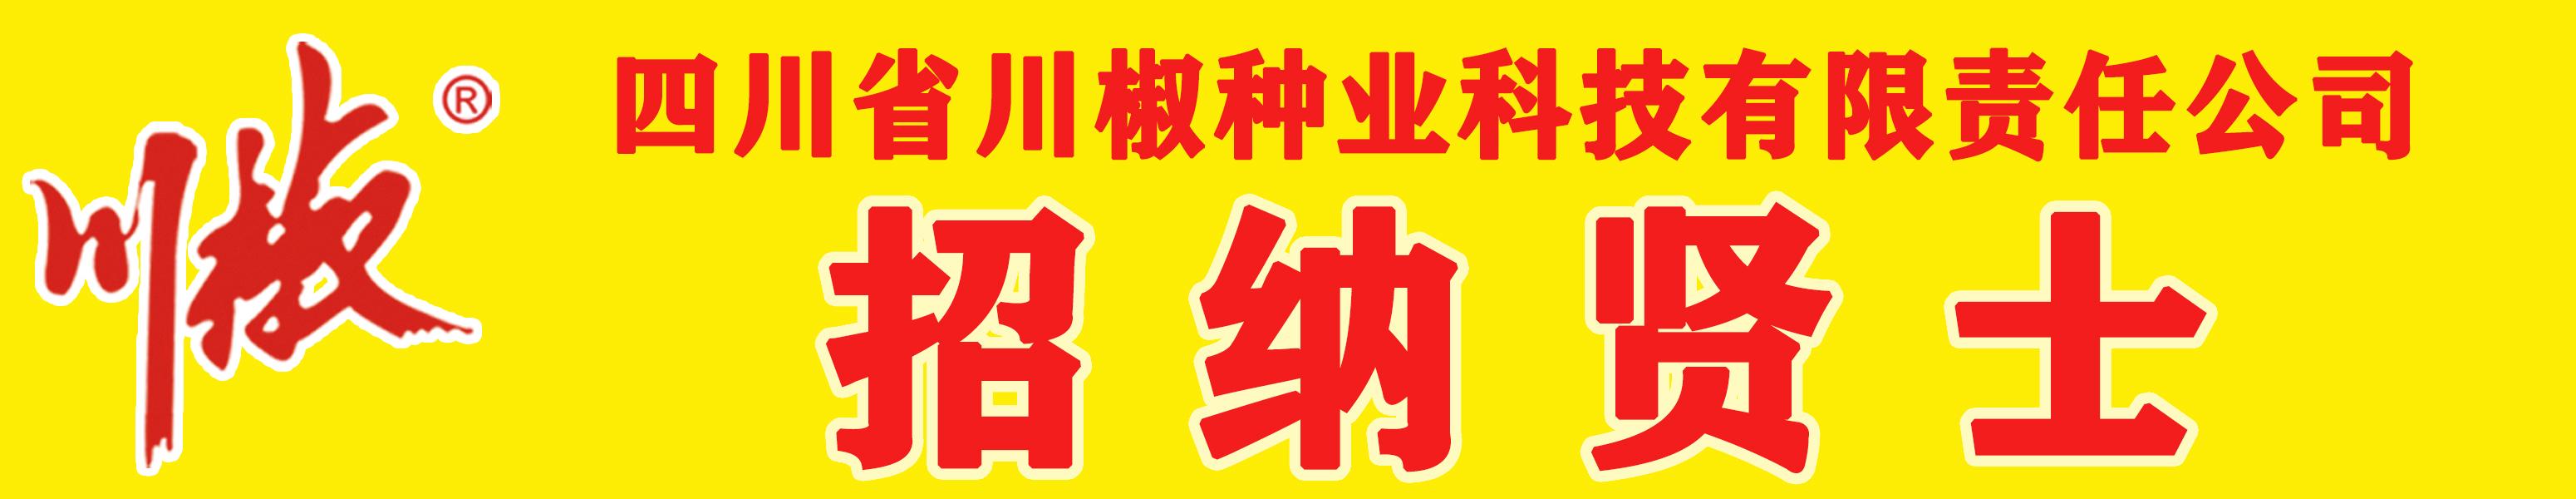 四川省川椒�N�I科技有限�任公司